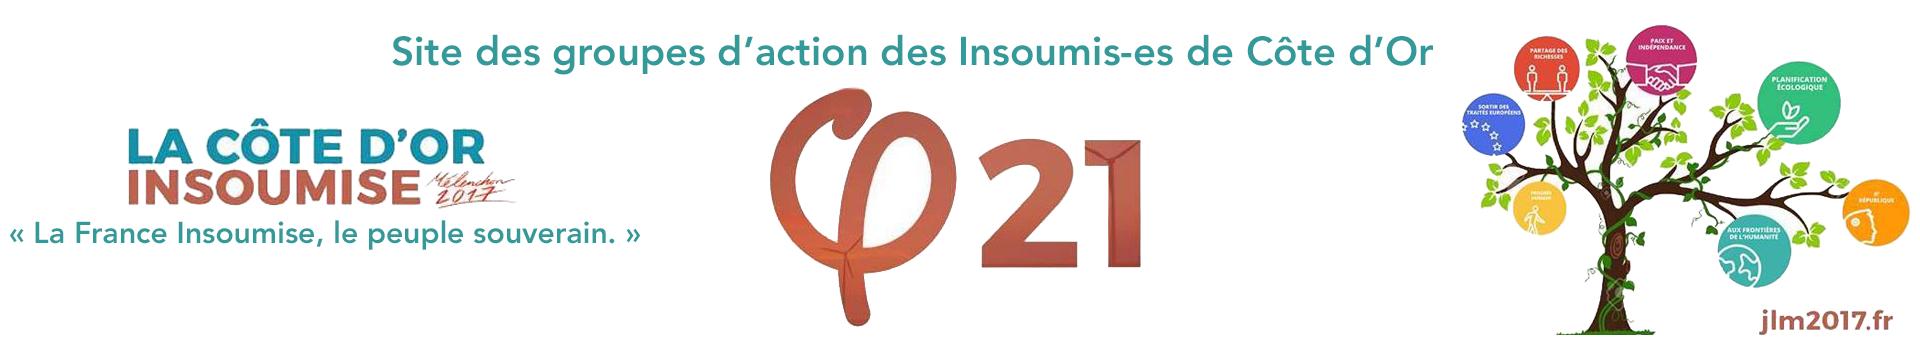 Site de la Côte d'or Insoumise